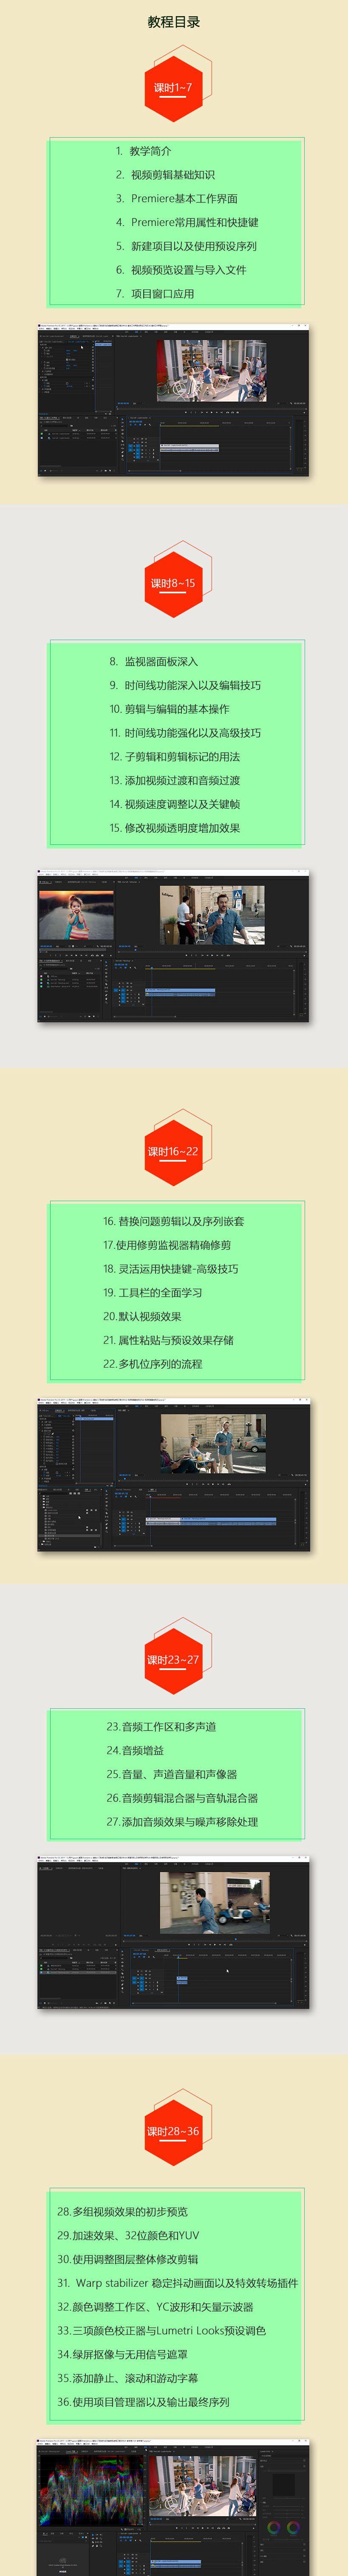 Premiere CC 2017入门到精通视频教程